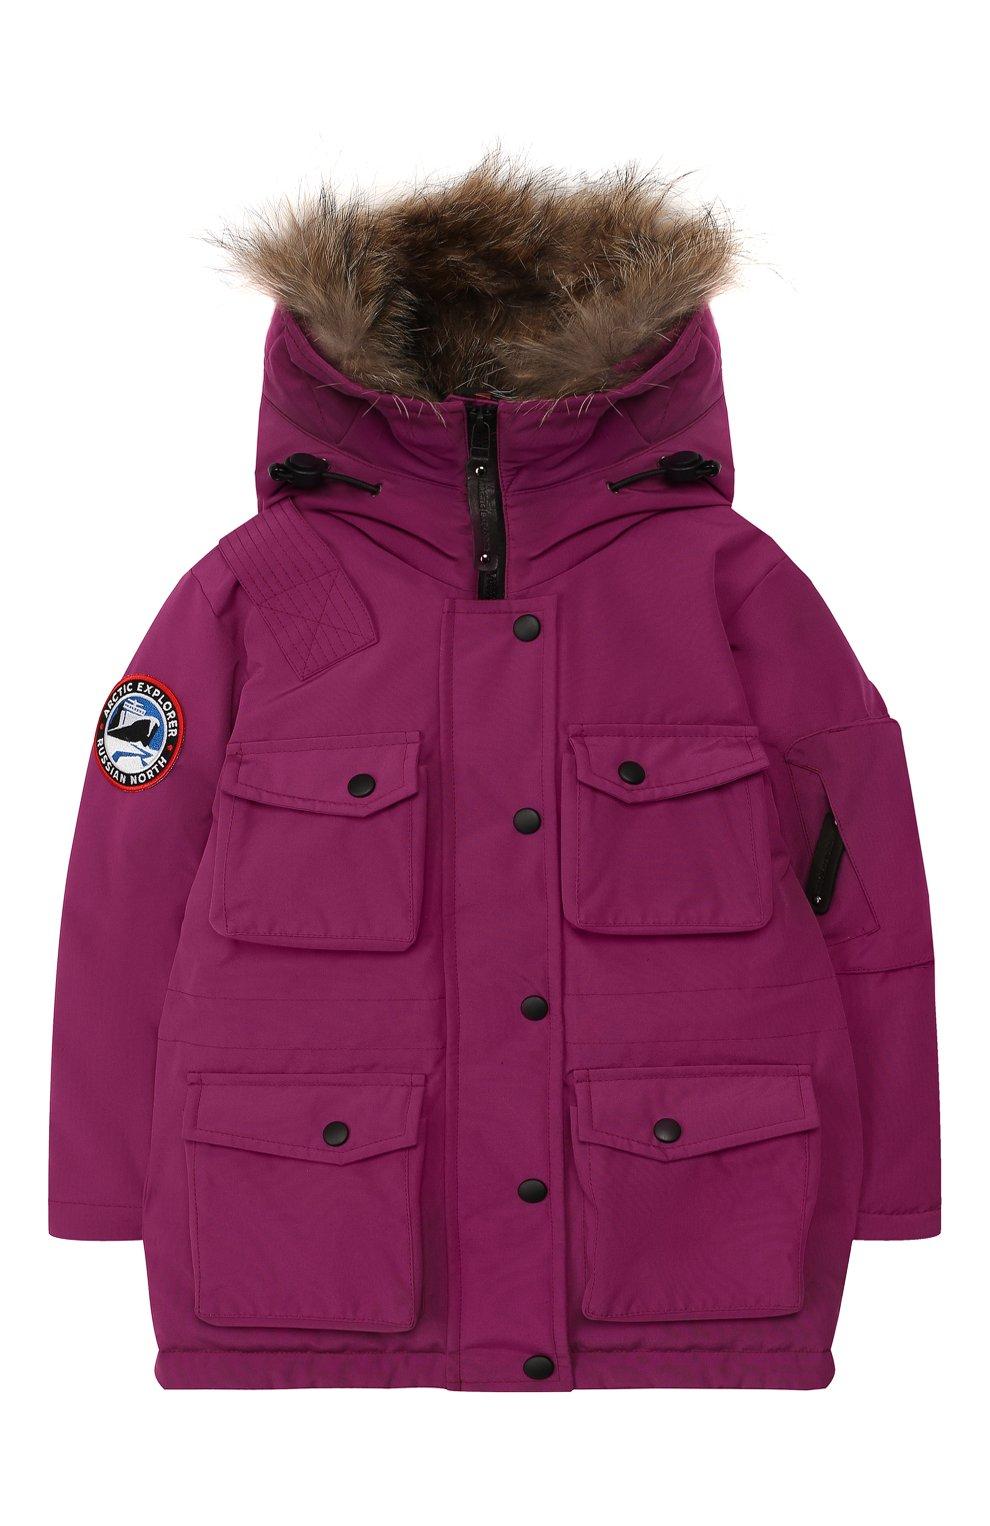 Детского пуховая куртка umka ARCTIC EXPLORER фуксия цвета, арт. UMKA_PNK | Фото 1